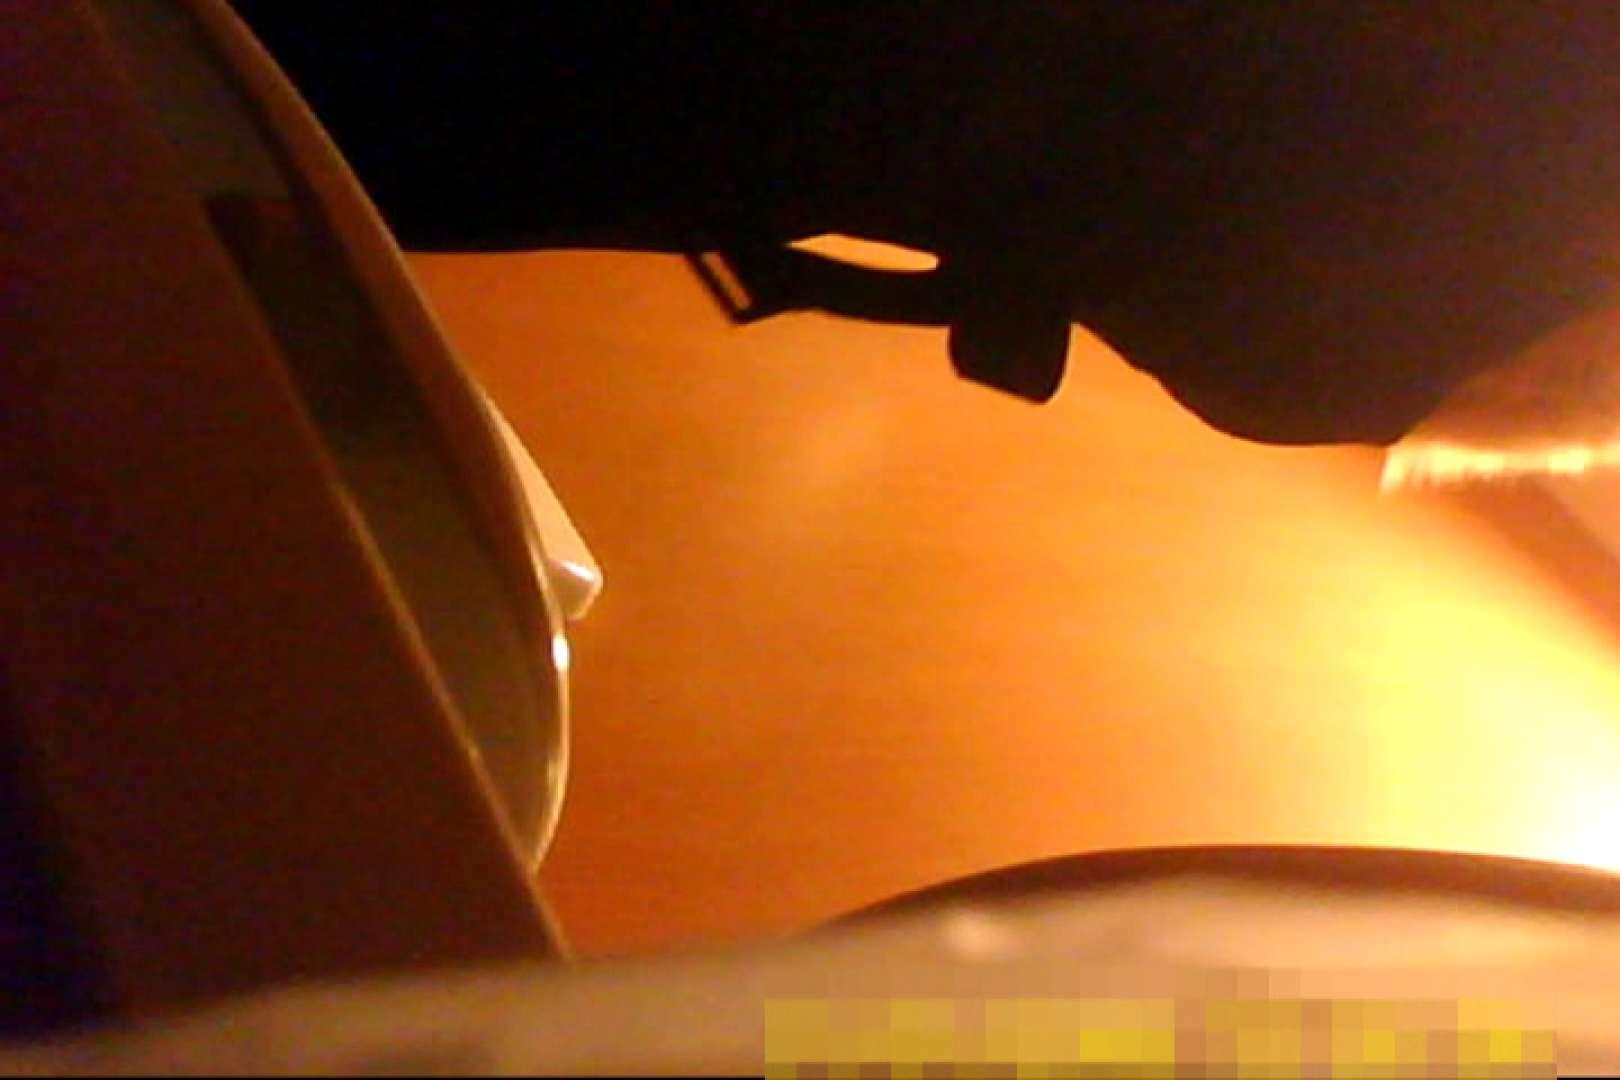 魅惑の化粧室~禁断のプライベート空間~vol.7 プライベート   独身エッチOL  89pic 30